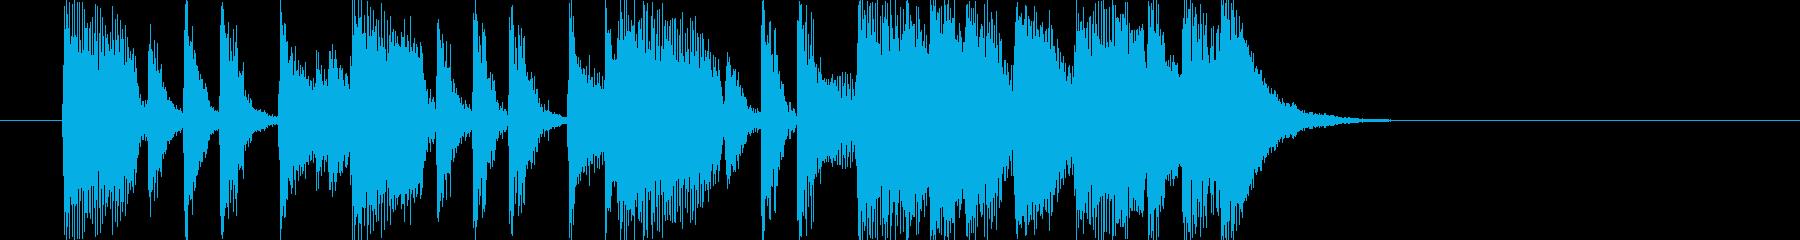 ワンステップ踏み出すような14秒の楽曲の再生済みの波形